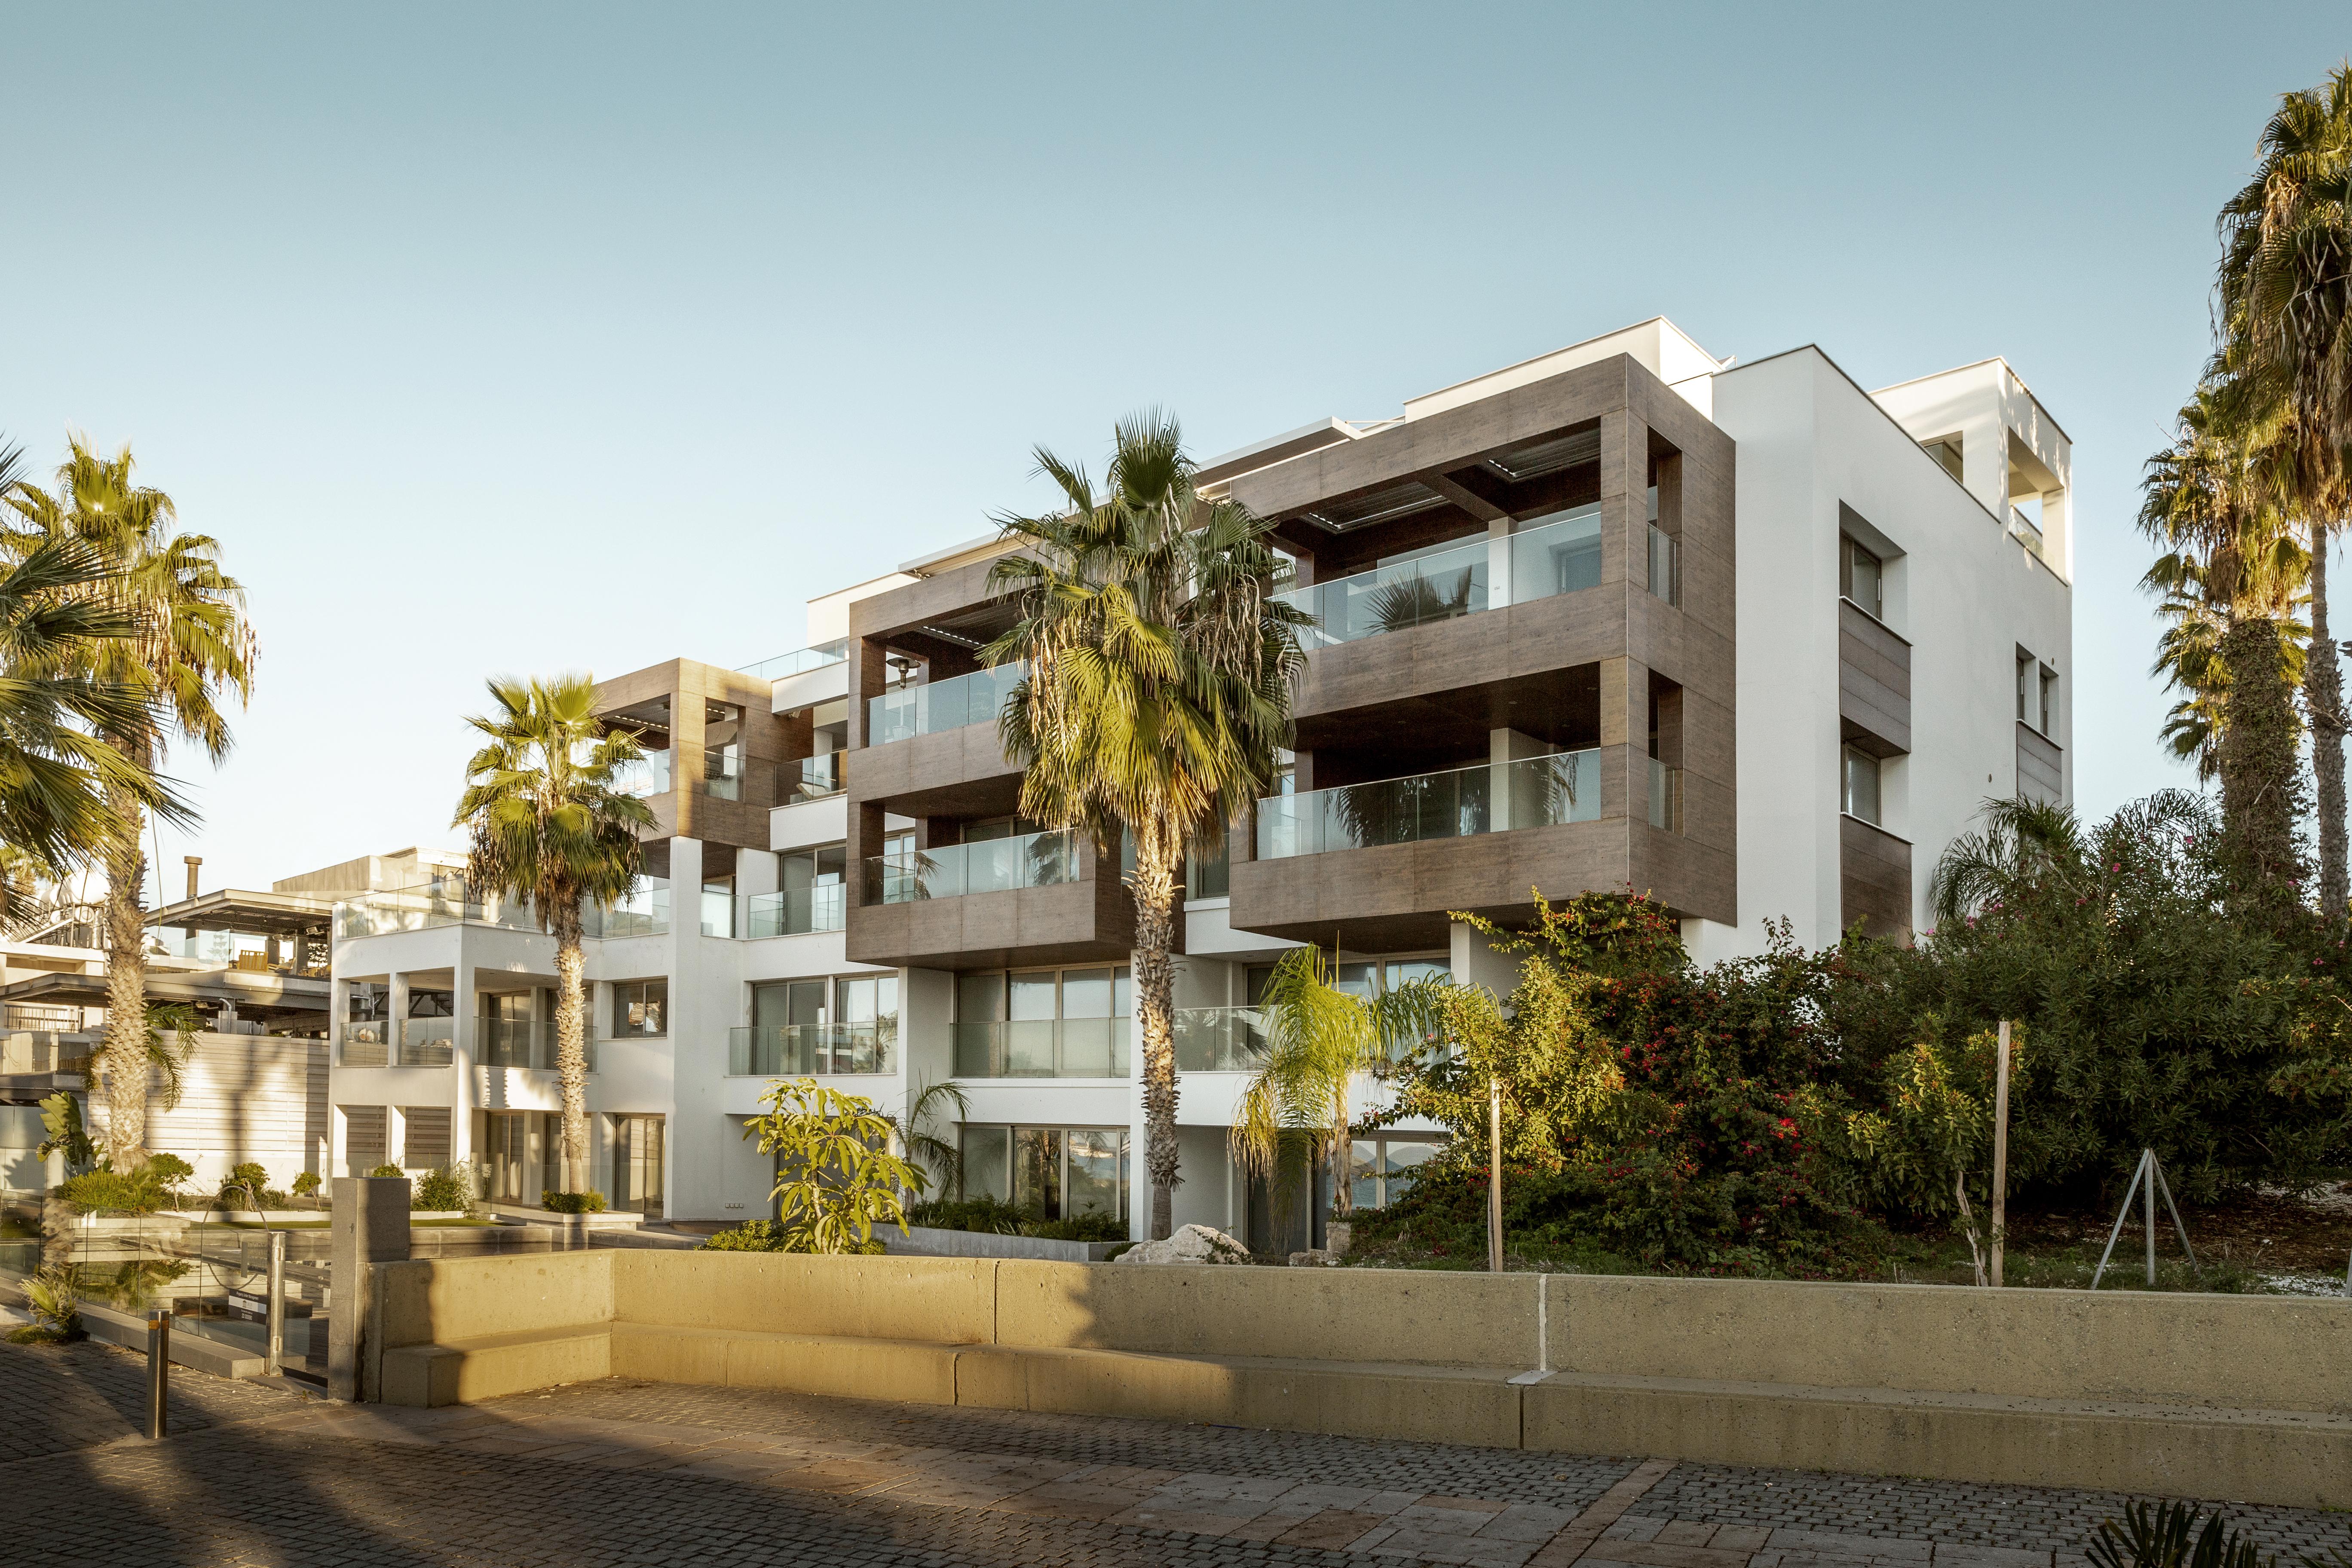 Дома на Кипре, переехать в который можно, купив недвижимость в стране